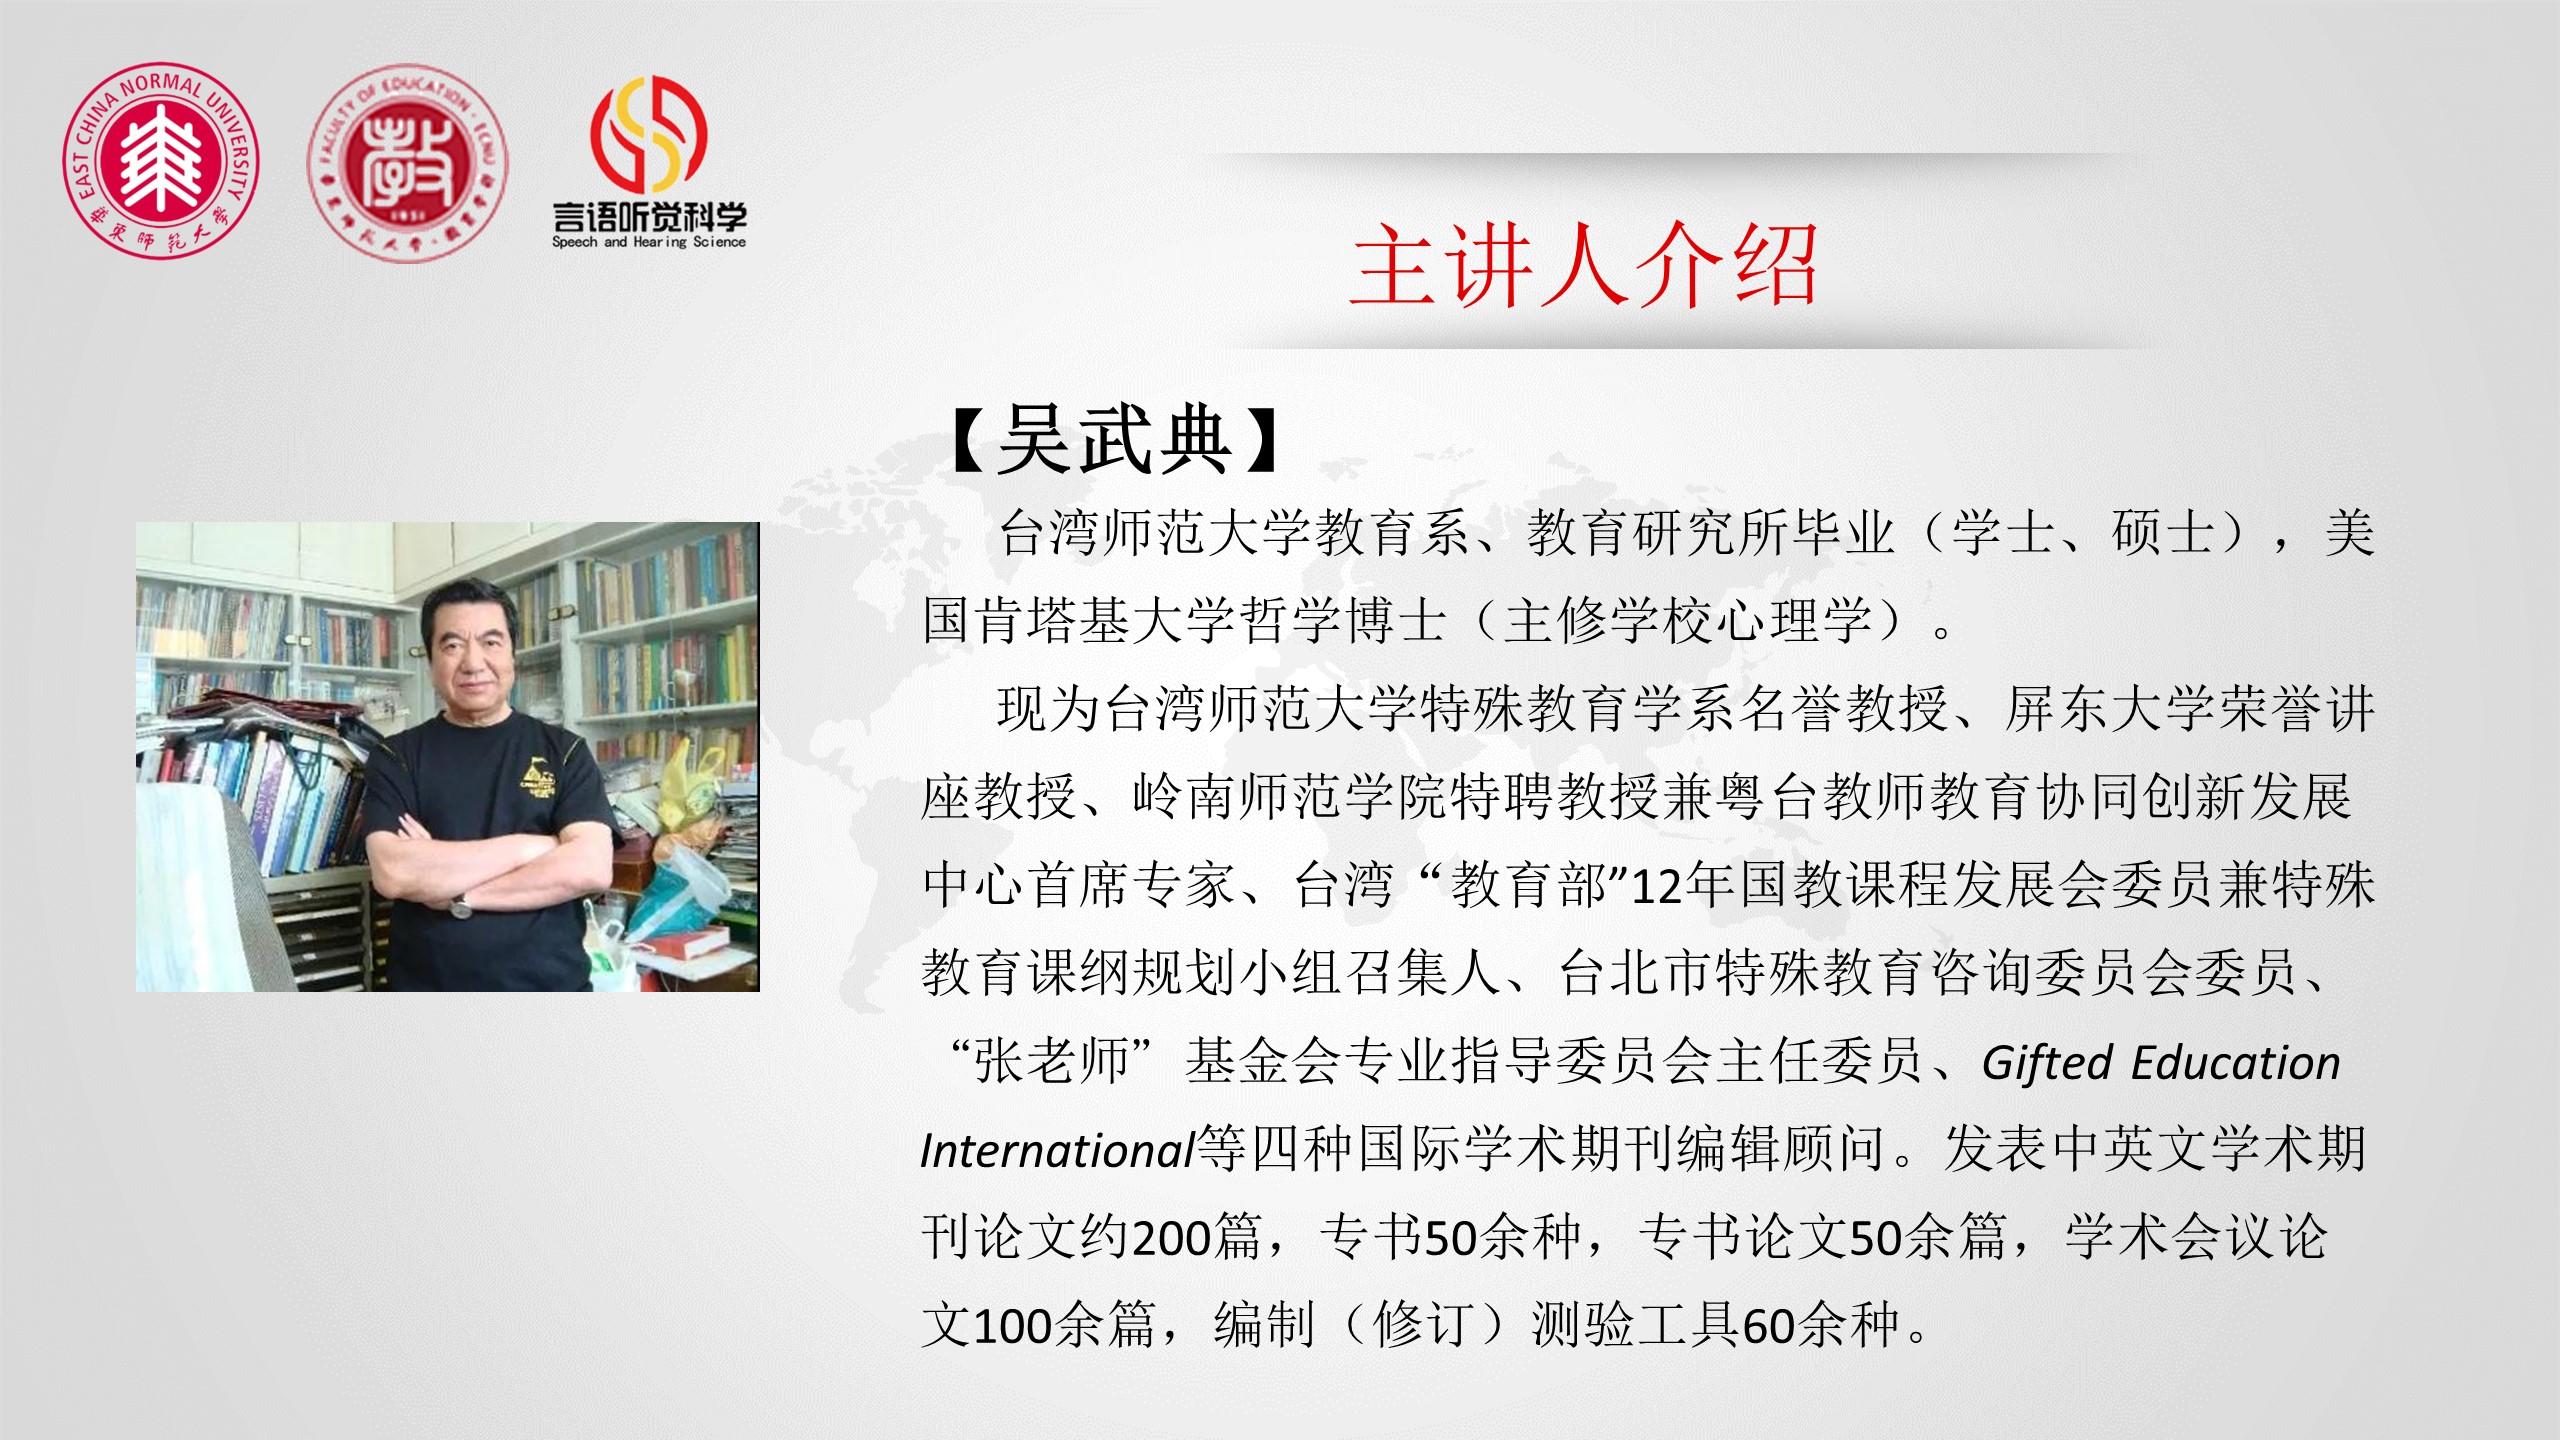 吴武典教授:特殊教育专业合作的模式与做法:台湾的经验